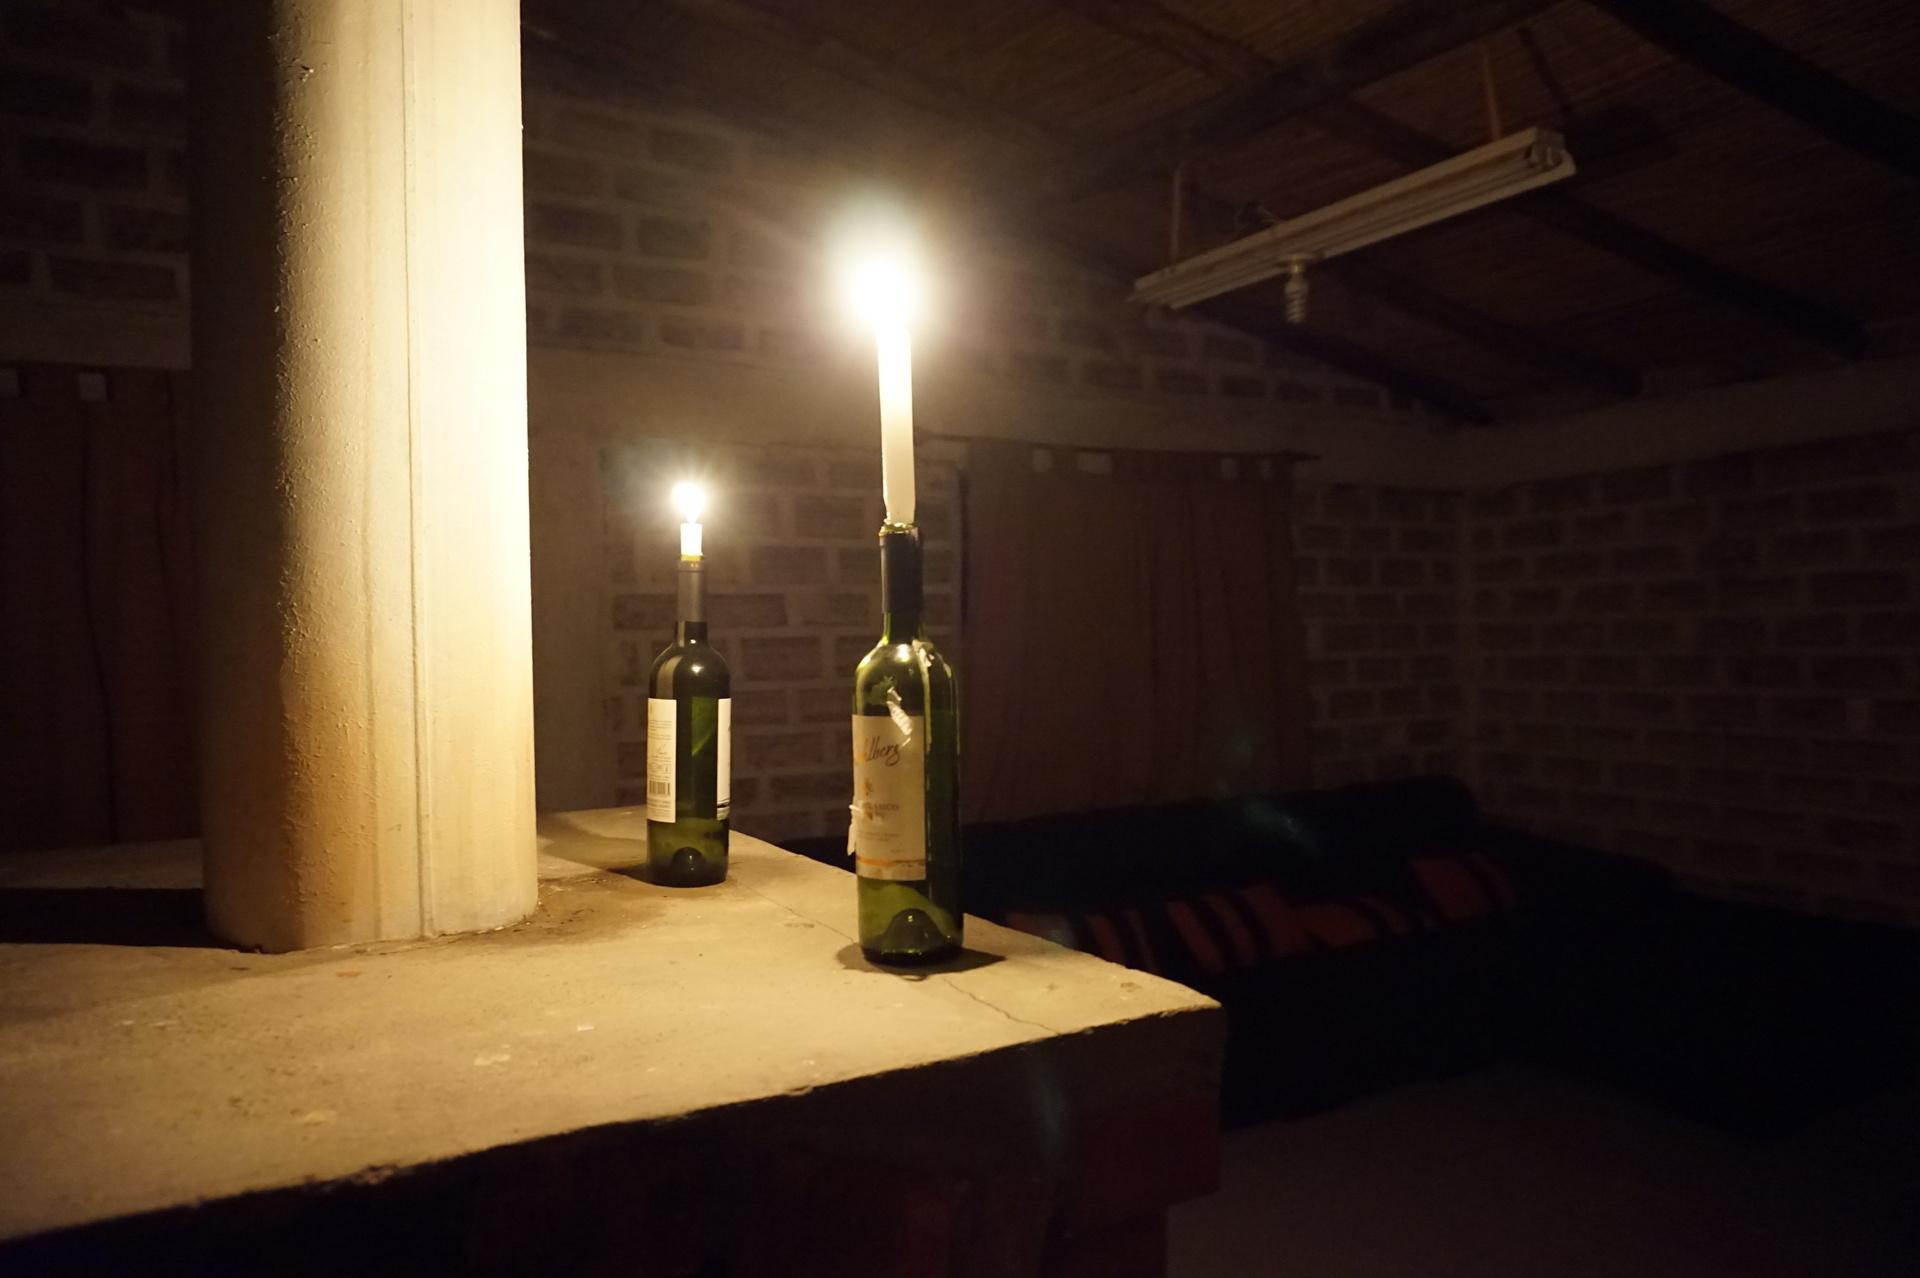 チリ ボリビア ウユニ旅行 2泊3日ツアー 暗闇と蝋燭